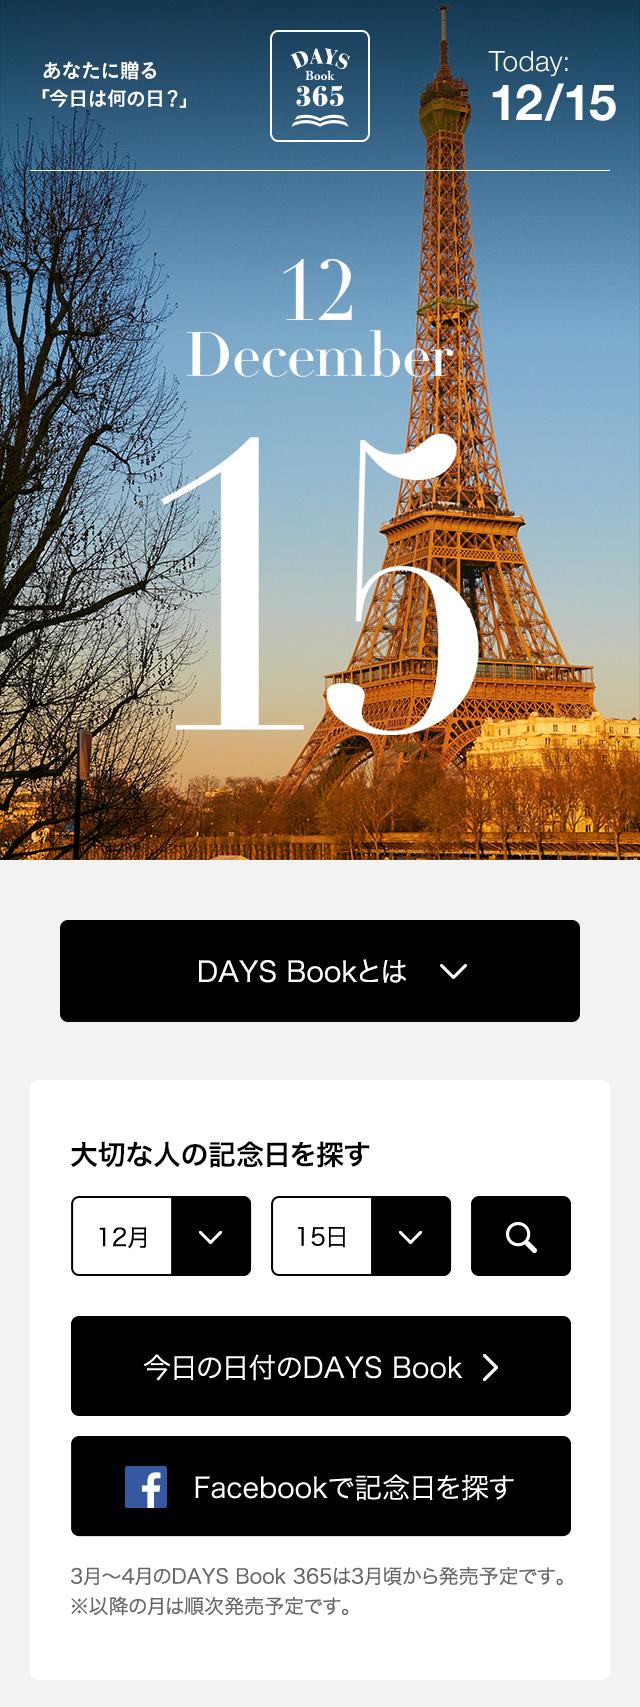 daysbook365_1